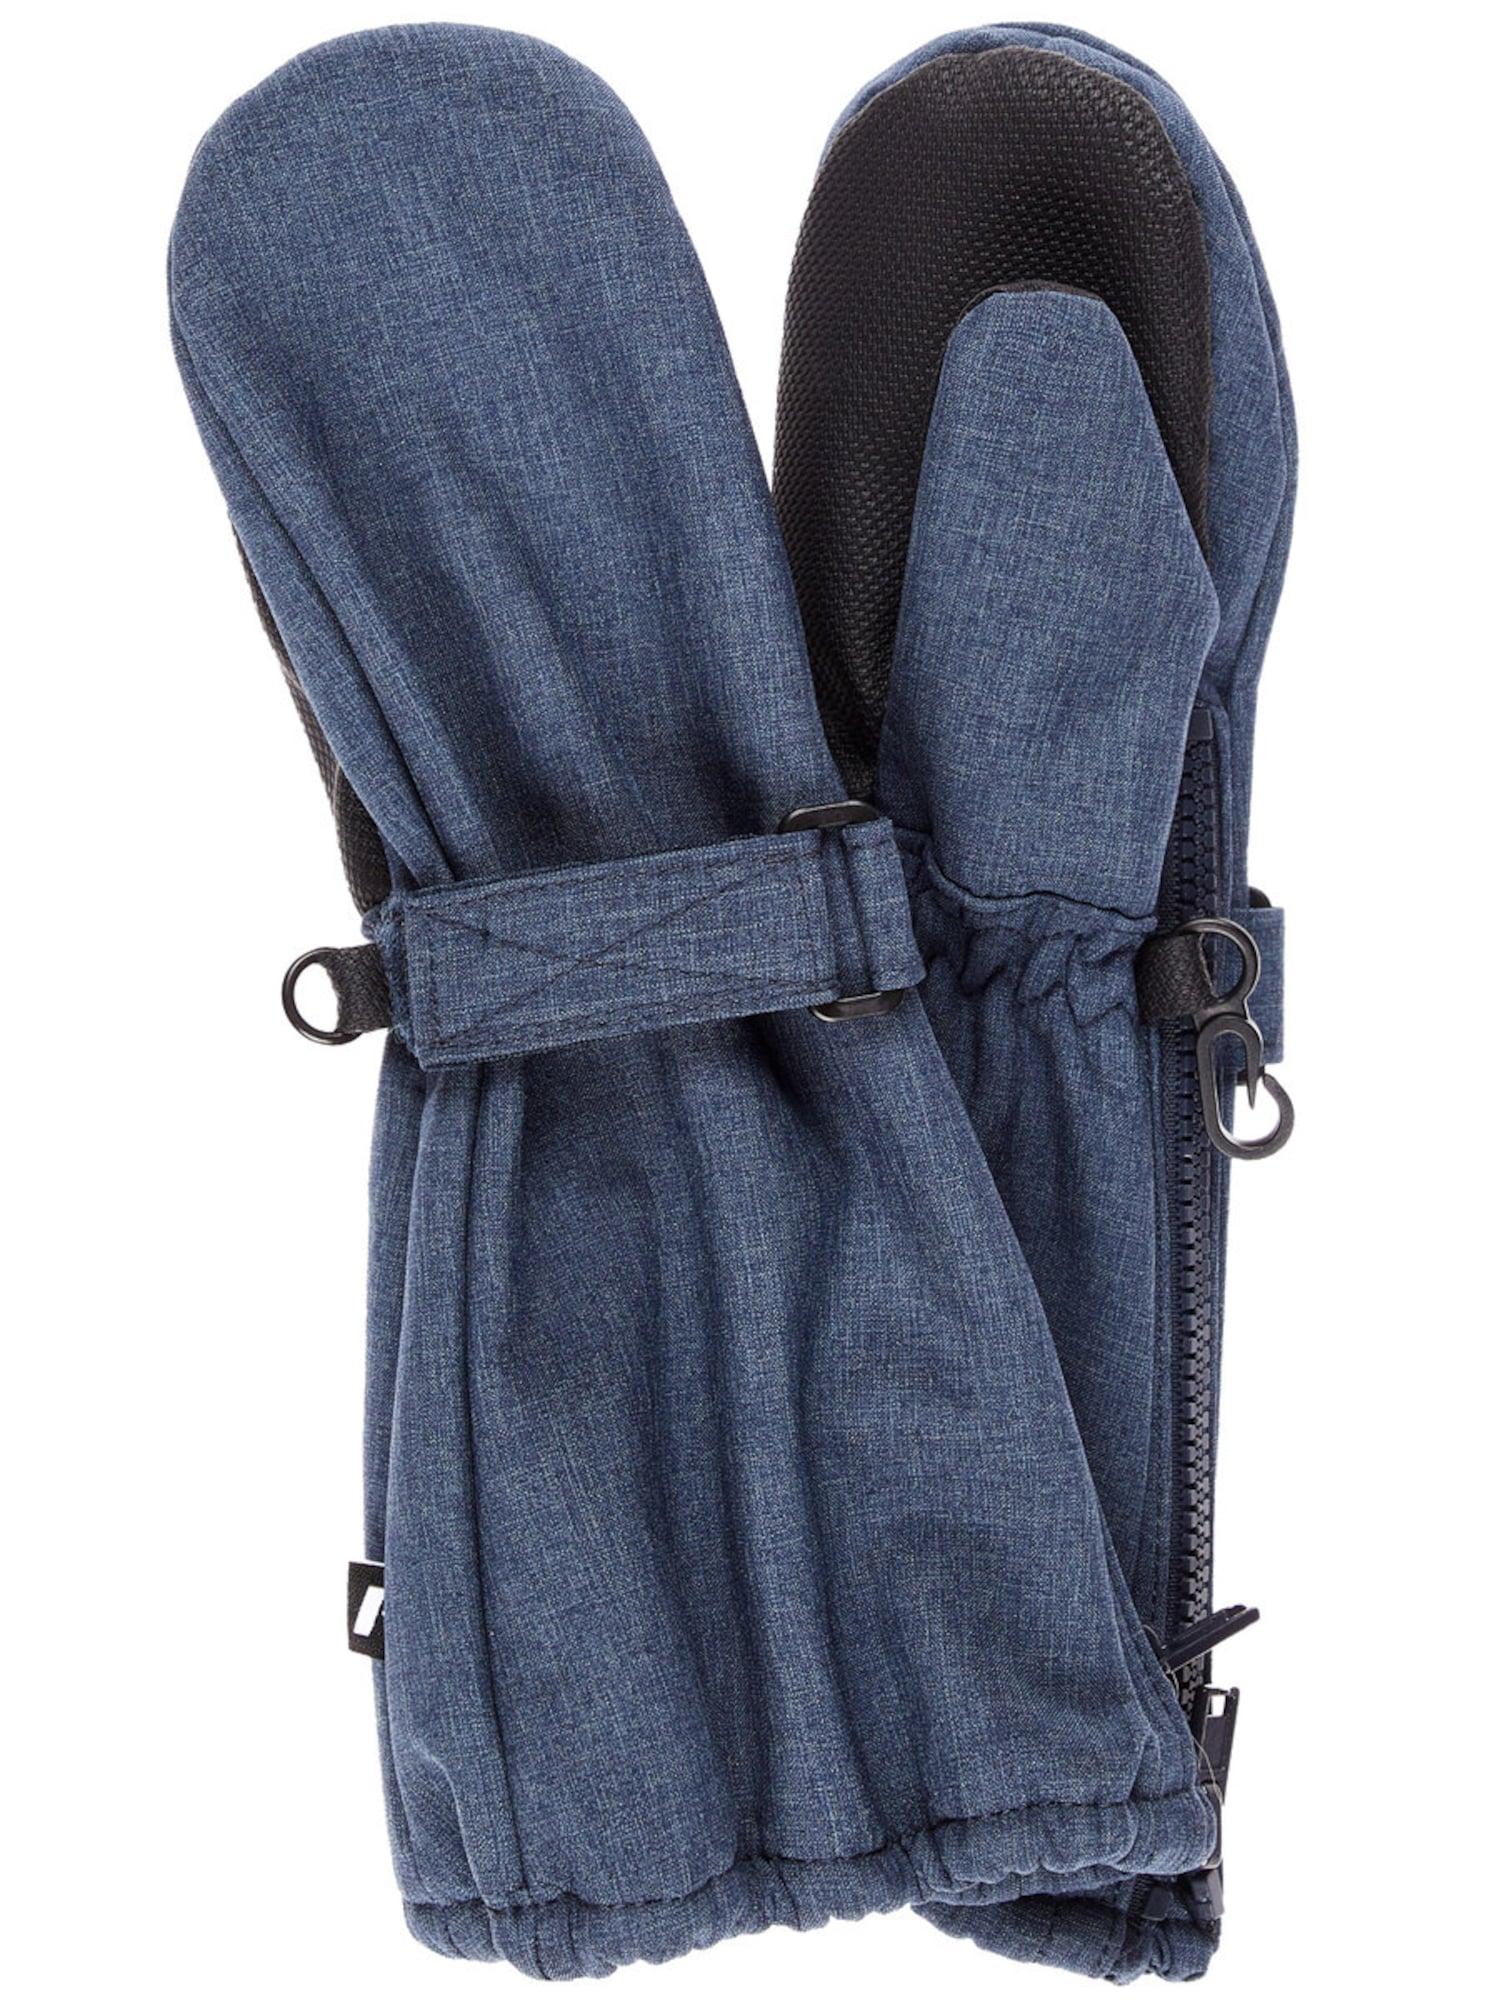 NAME IT, Jongens Handschoenen 'Alfa', blauw